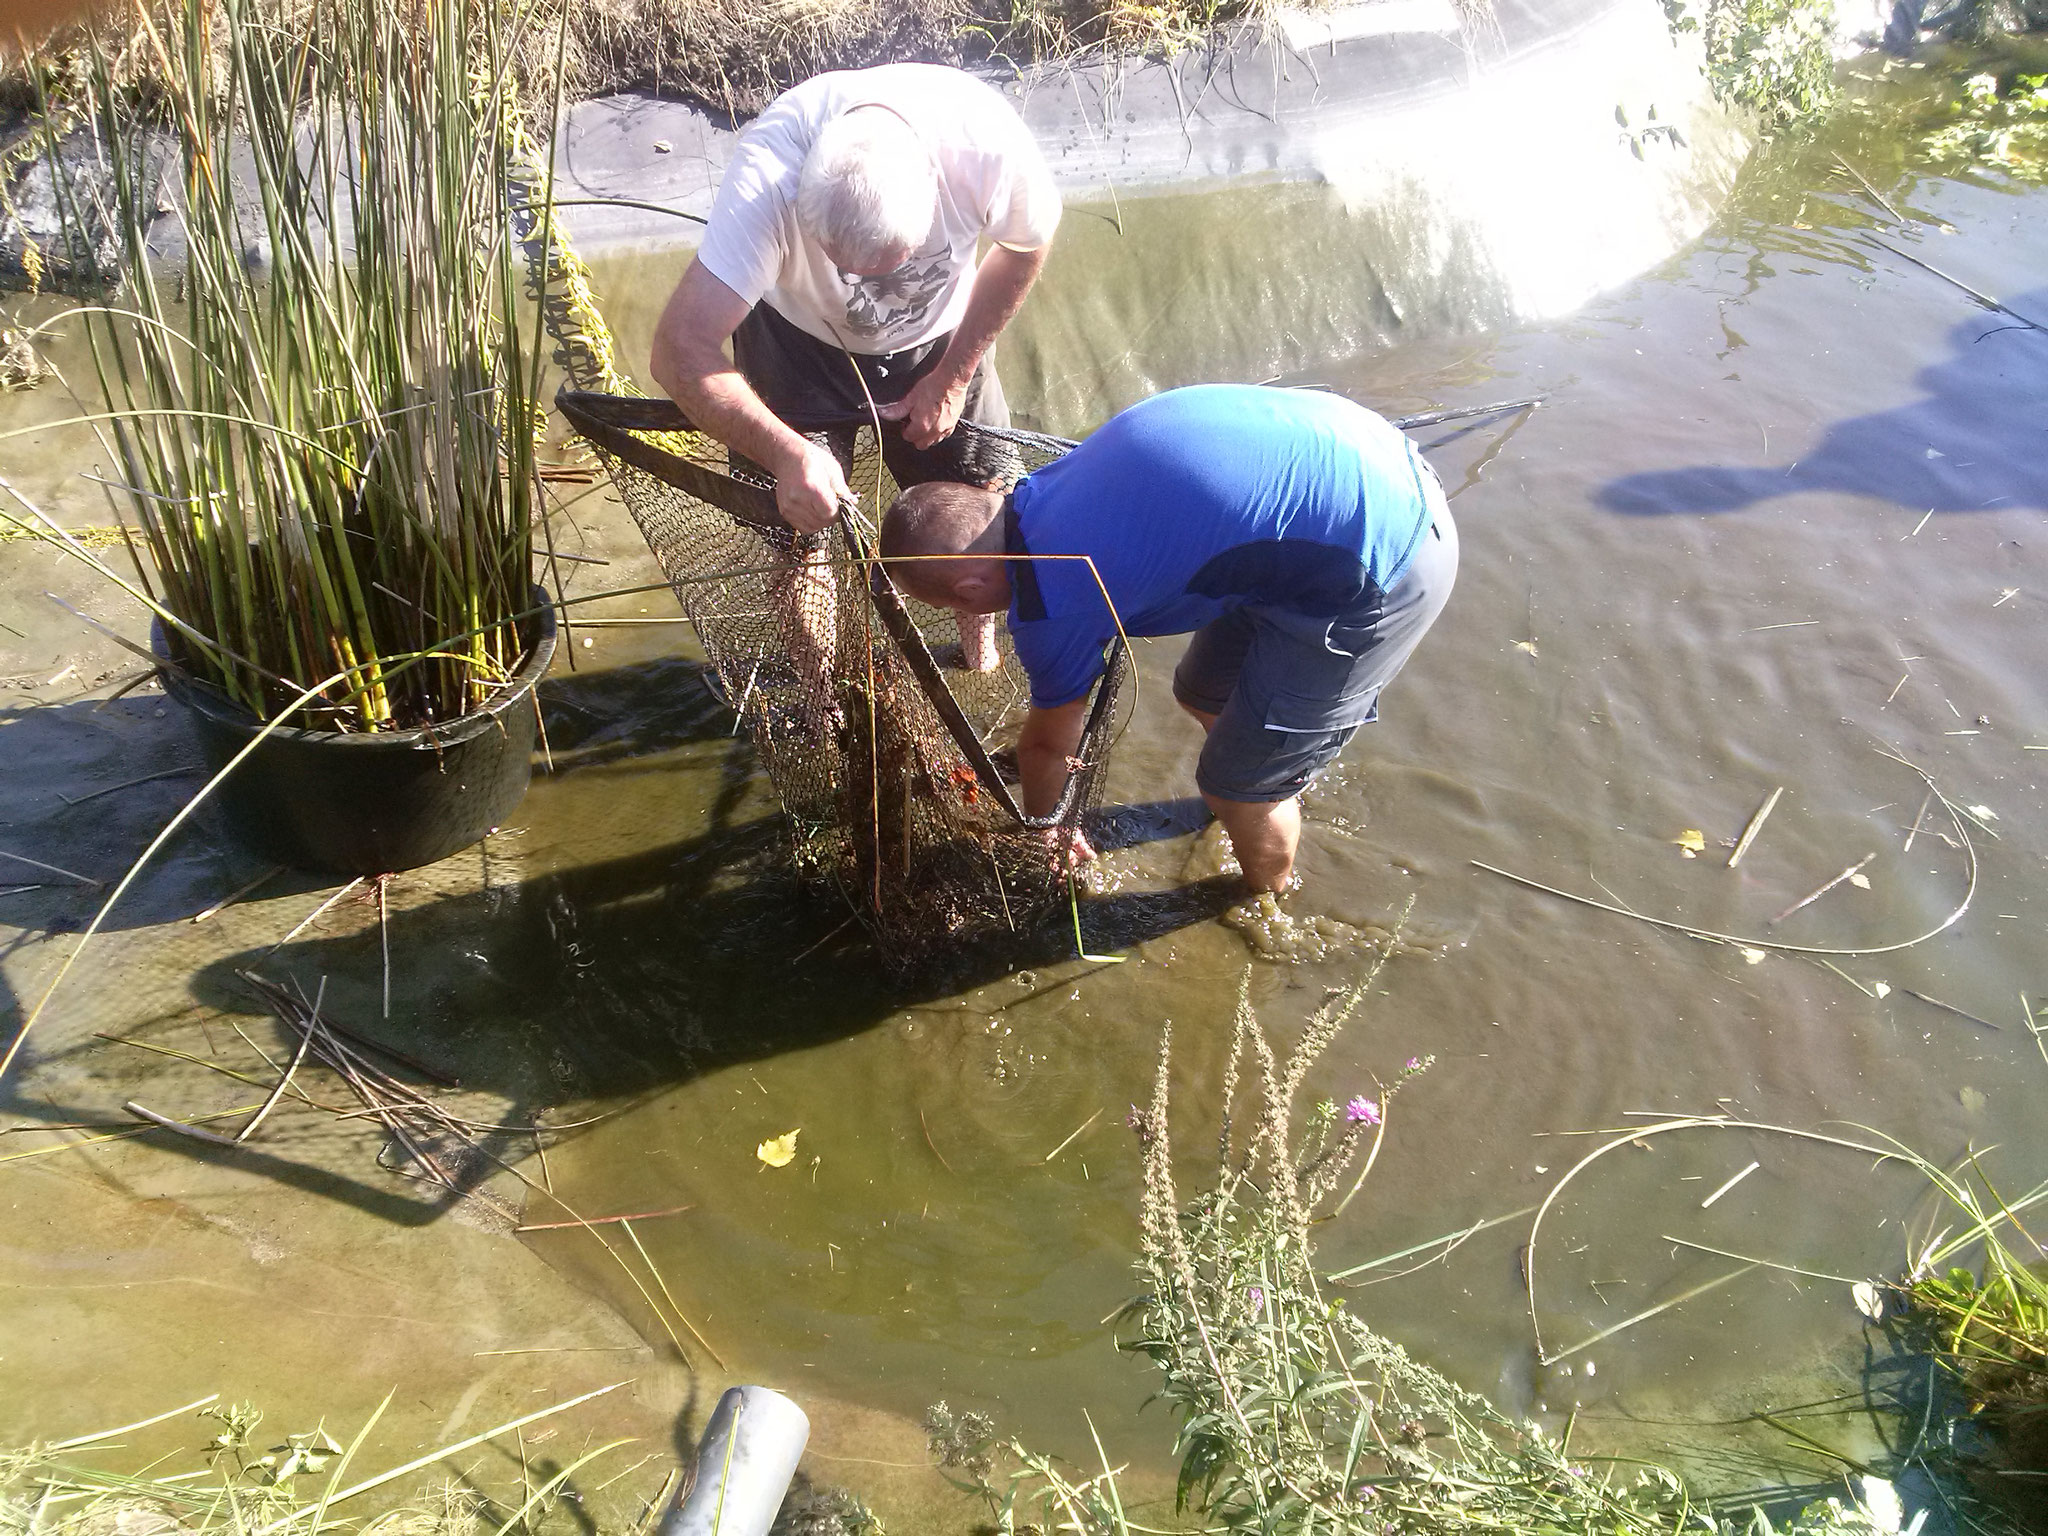 zunächst geht alles gut, Fische werden gefangen und umgesetzt